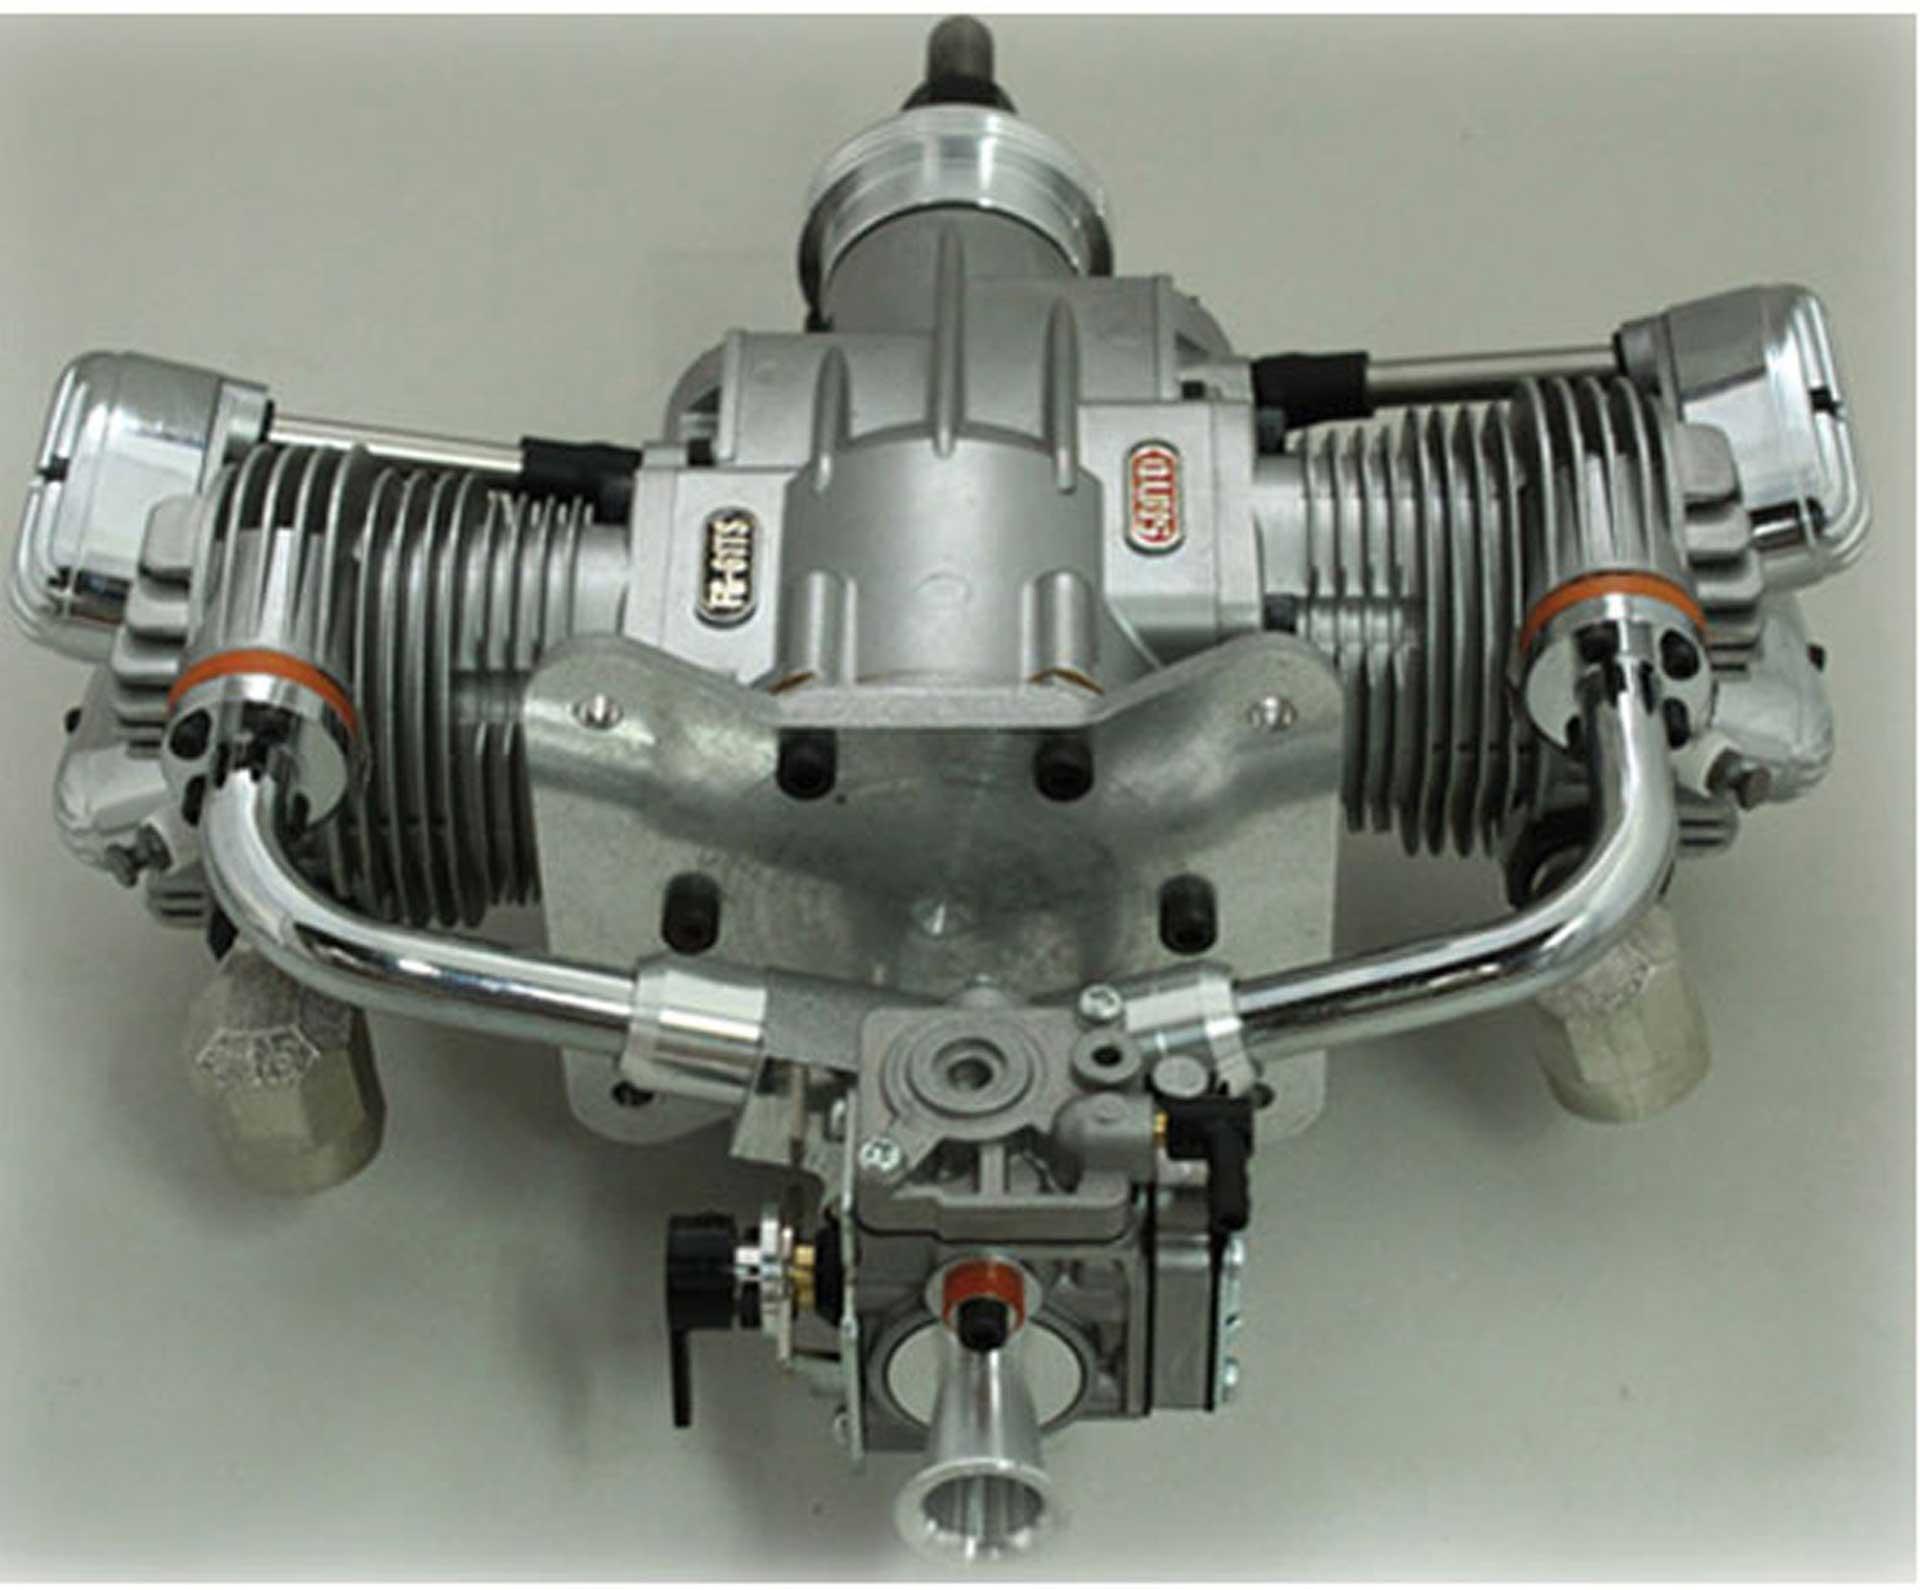 SAITO FG-61TS BENZIN MOTOR 2-ZYLINDER